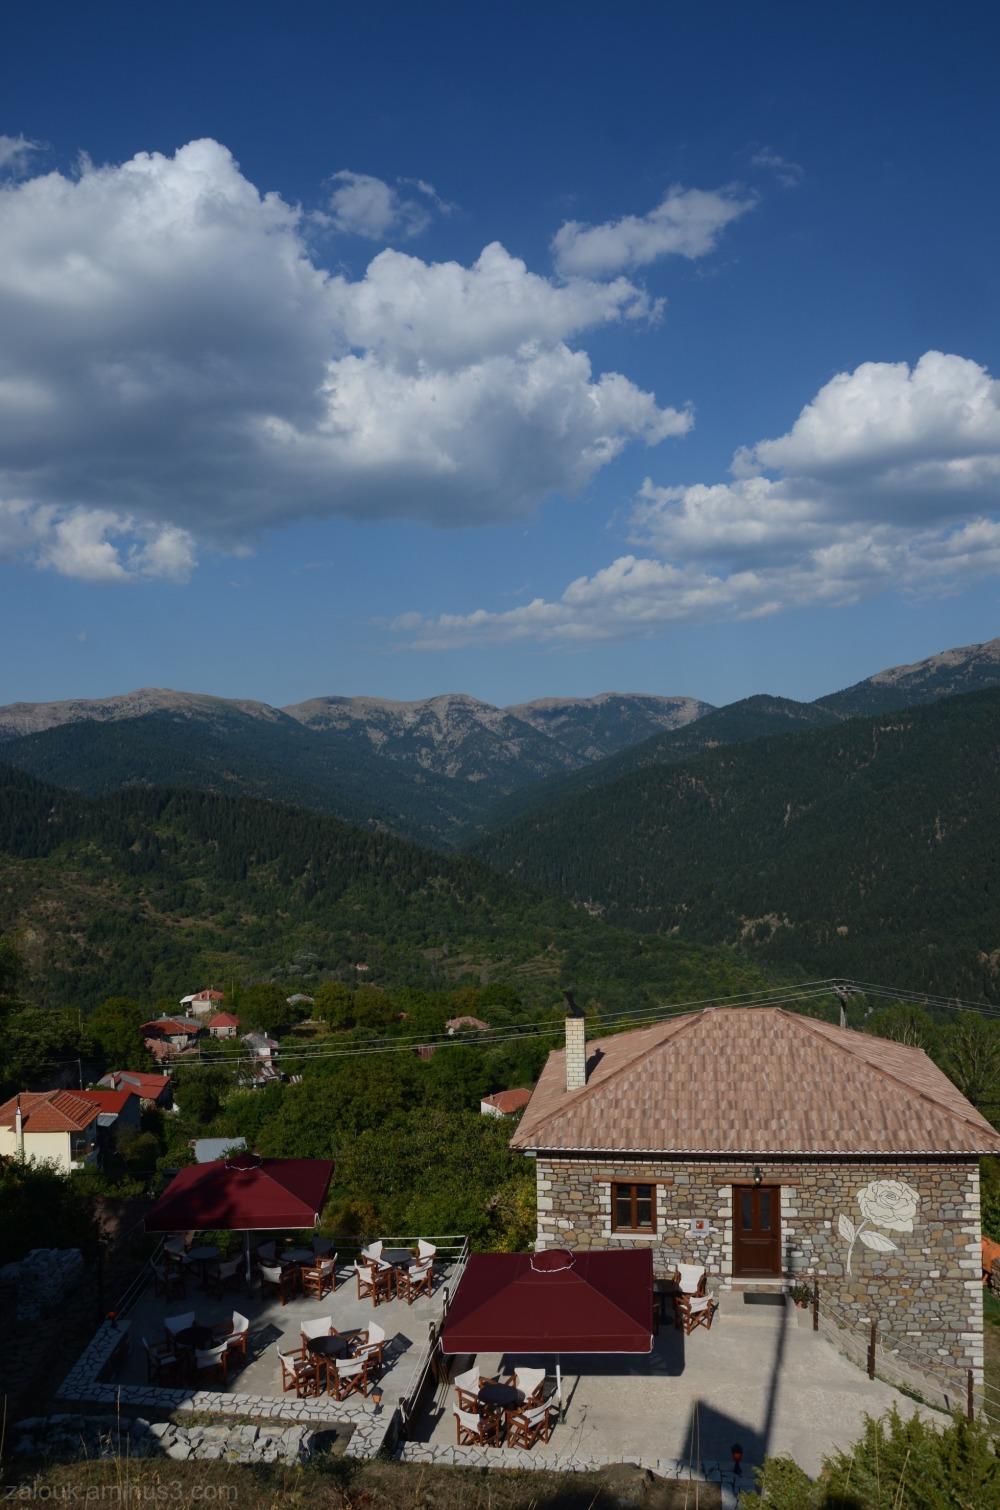 Krikello, Greece